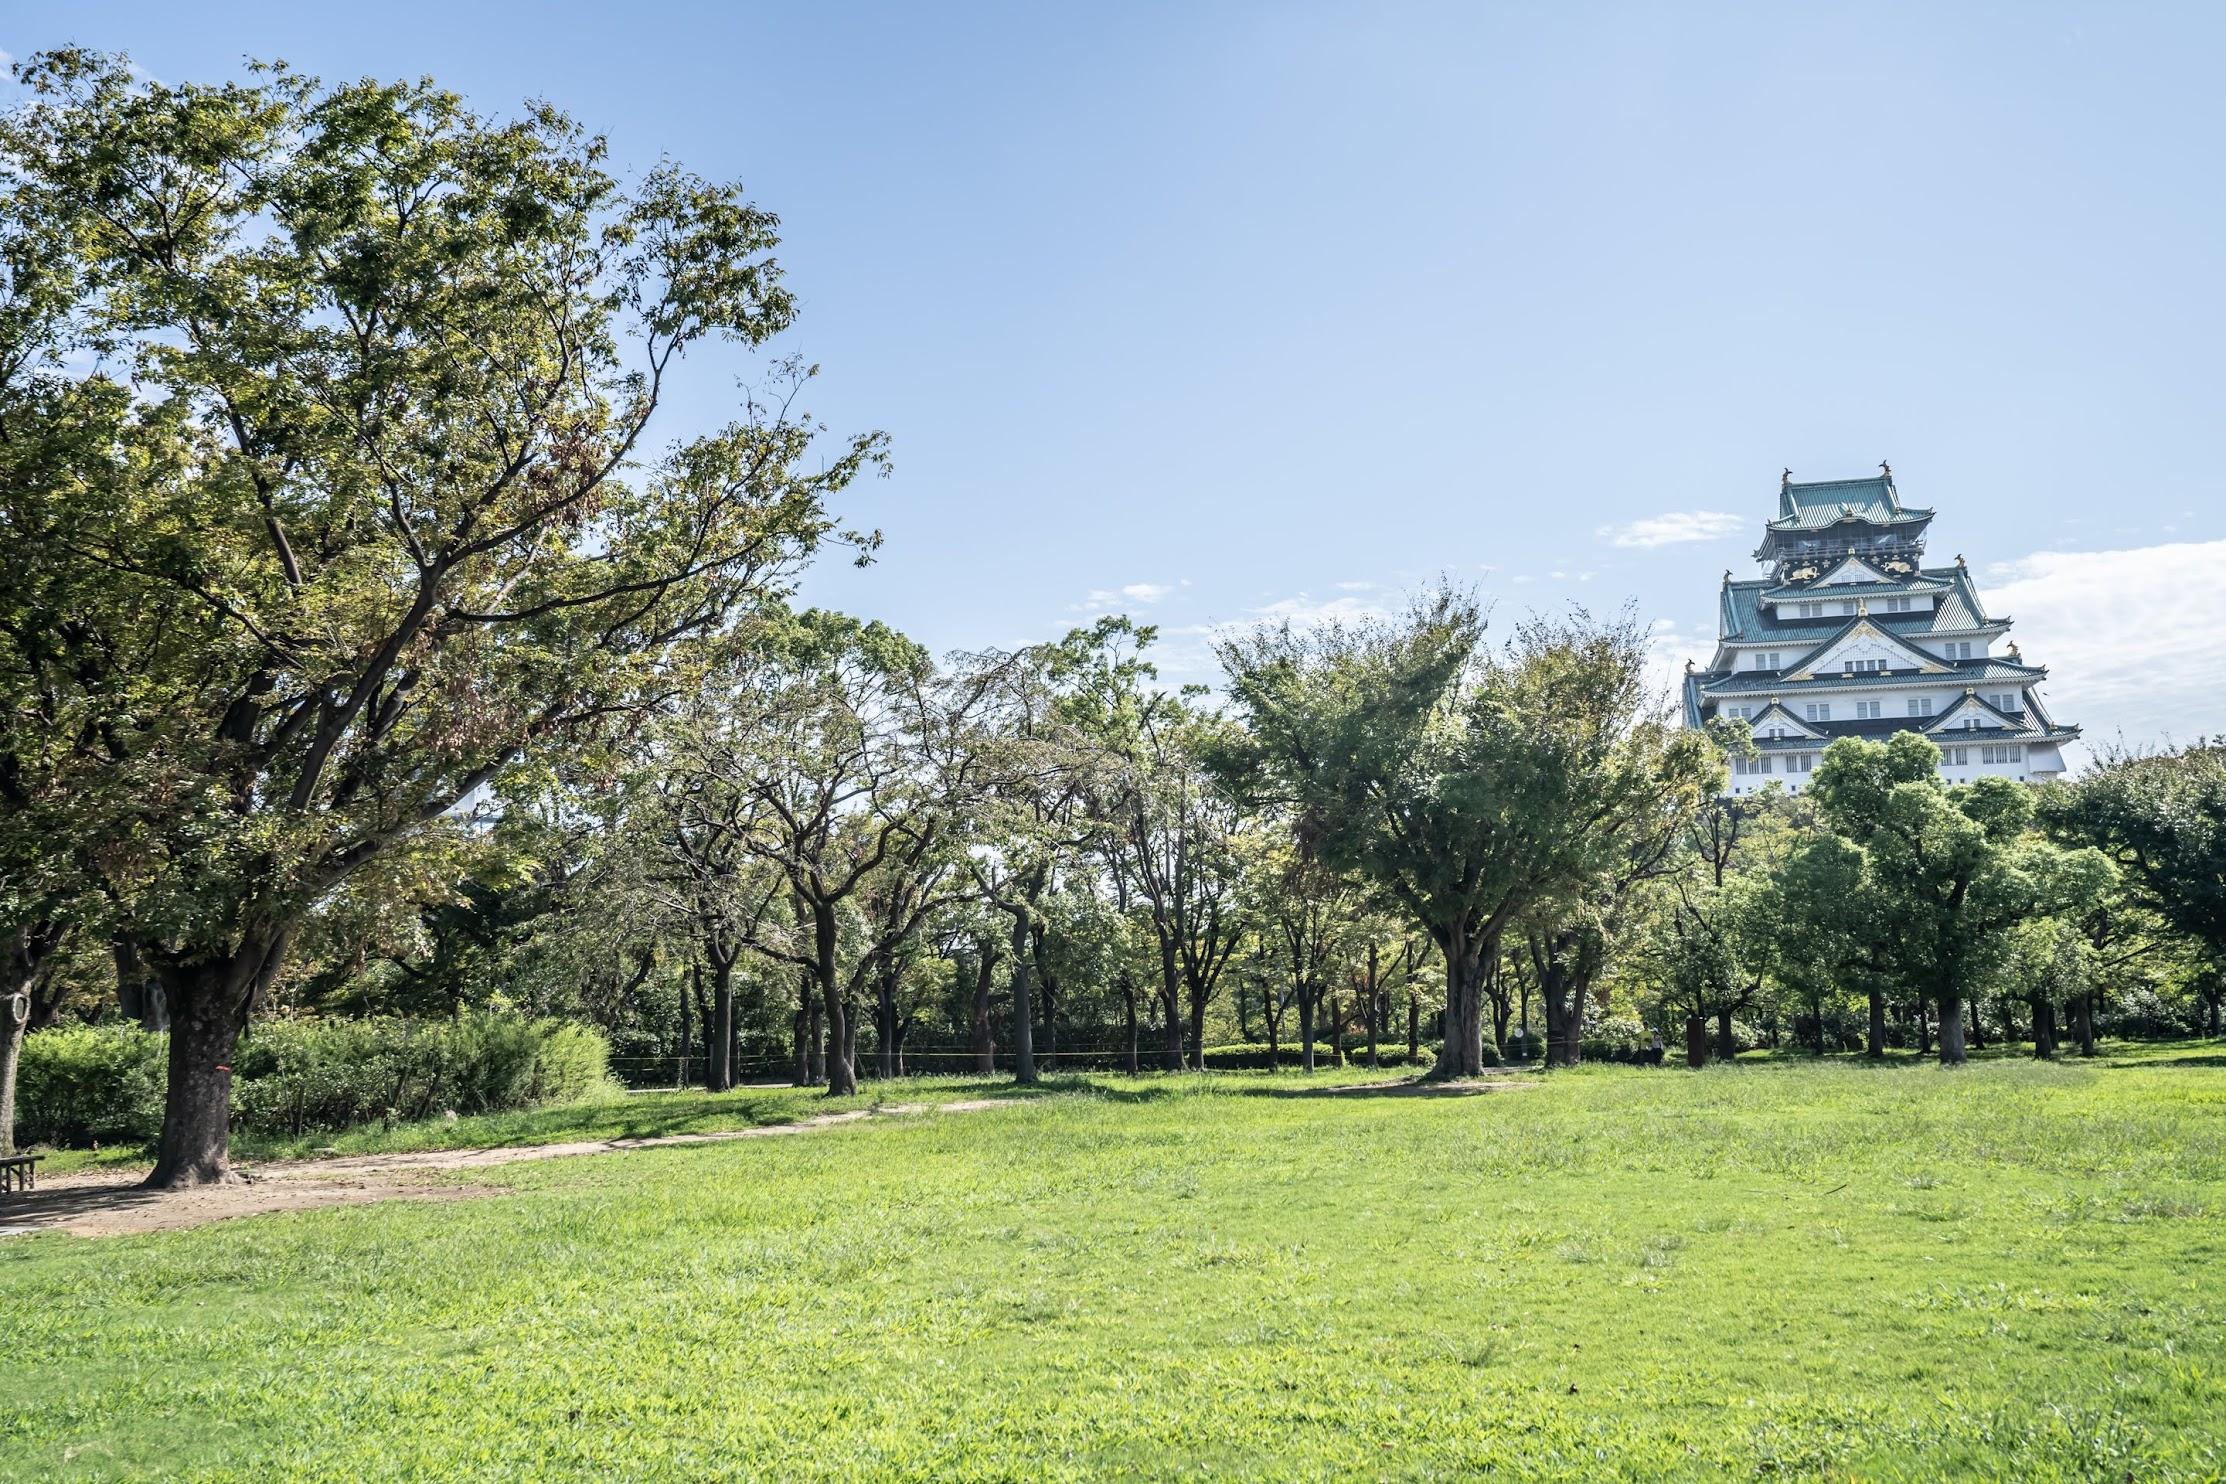 大阪城公園 西の丸庭園2